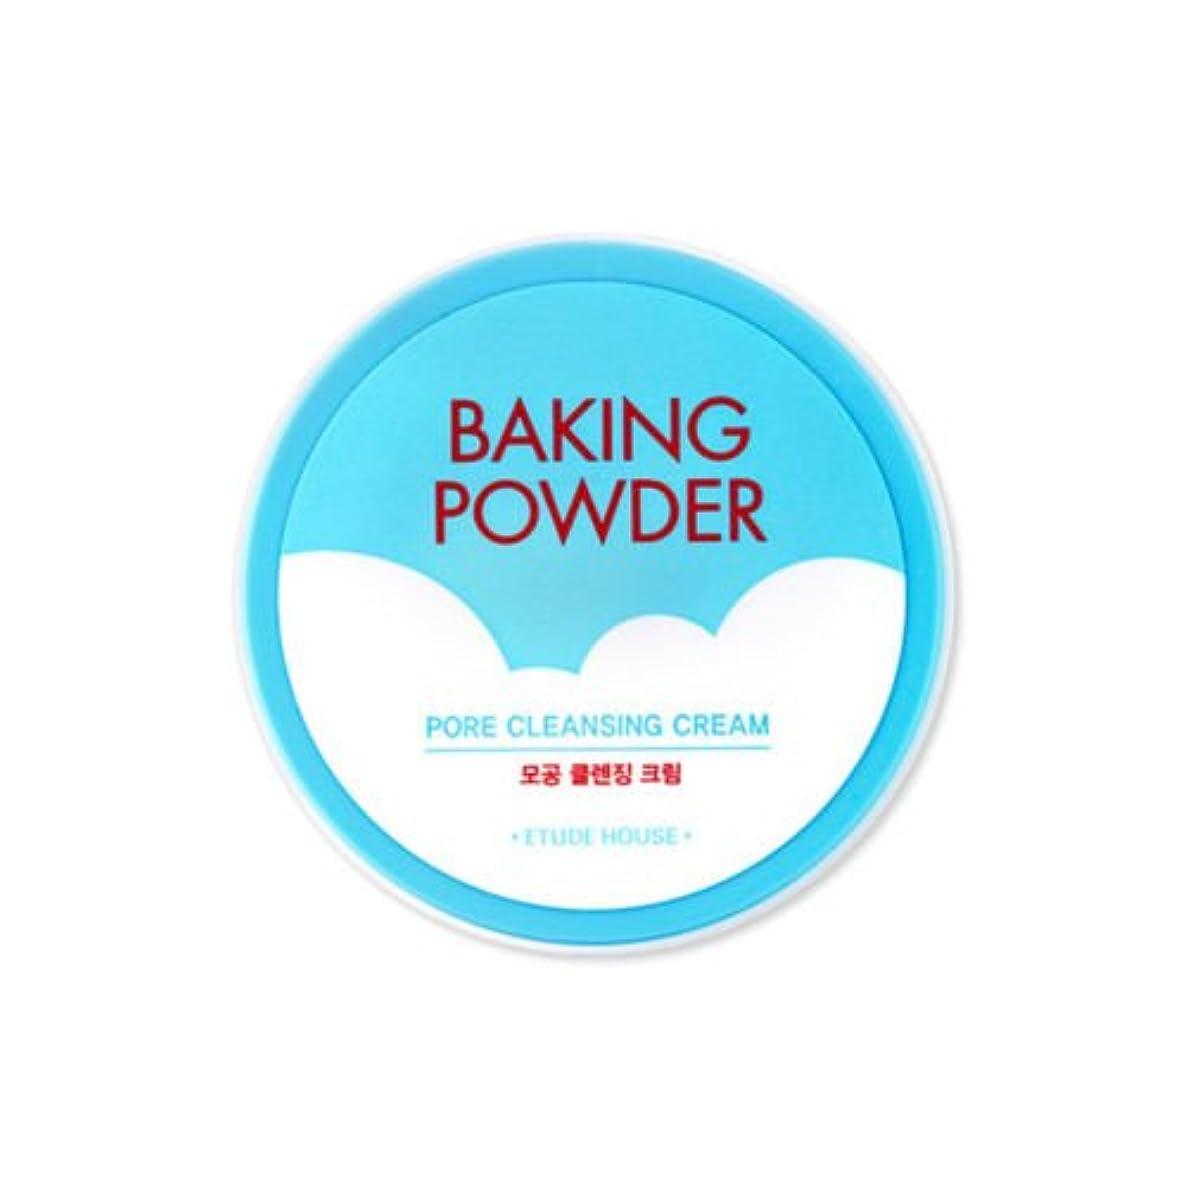 ボトルネック無視できる彼の[2016 Upgrade!] ETUDE HOUSE Baking Powder Pore Cleansing Cream 180ml/エチュードハウス ベーキング パウダー ポア クレンジング クリーム 180ml